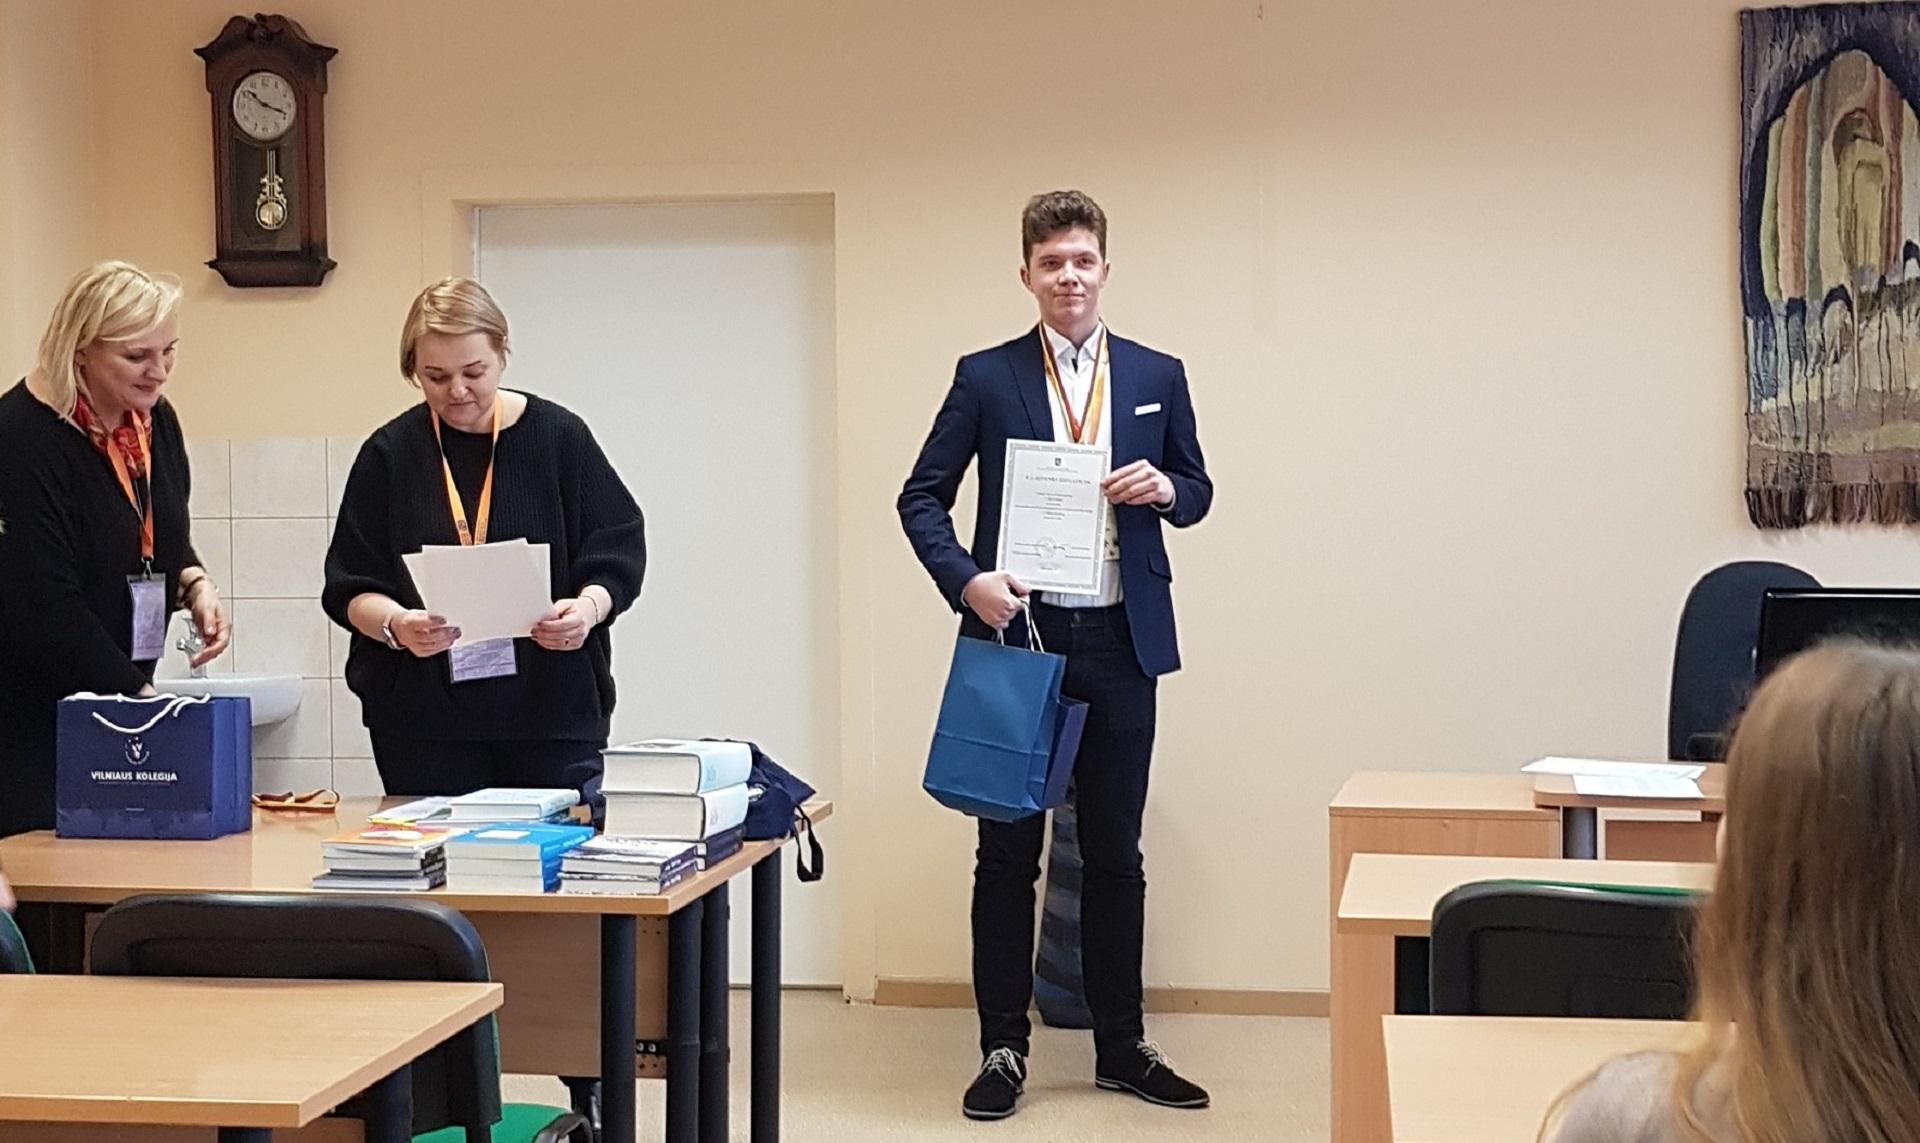 Puikus pasirodymas Lietuvių kalbos ir literatūros olimpiadoje (Foto: A. D'Elia)